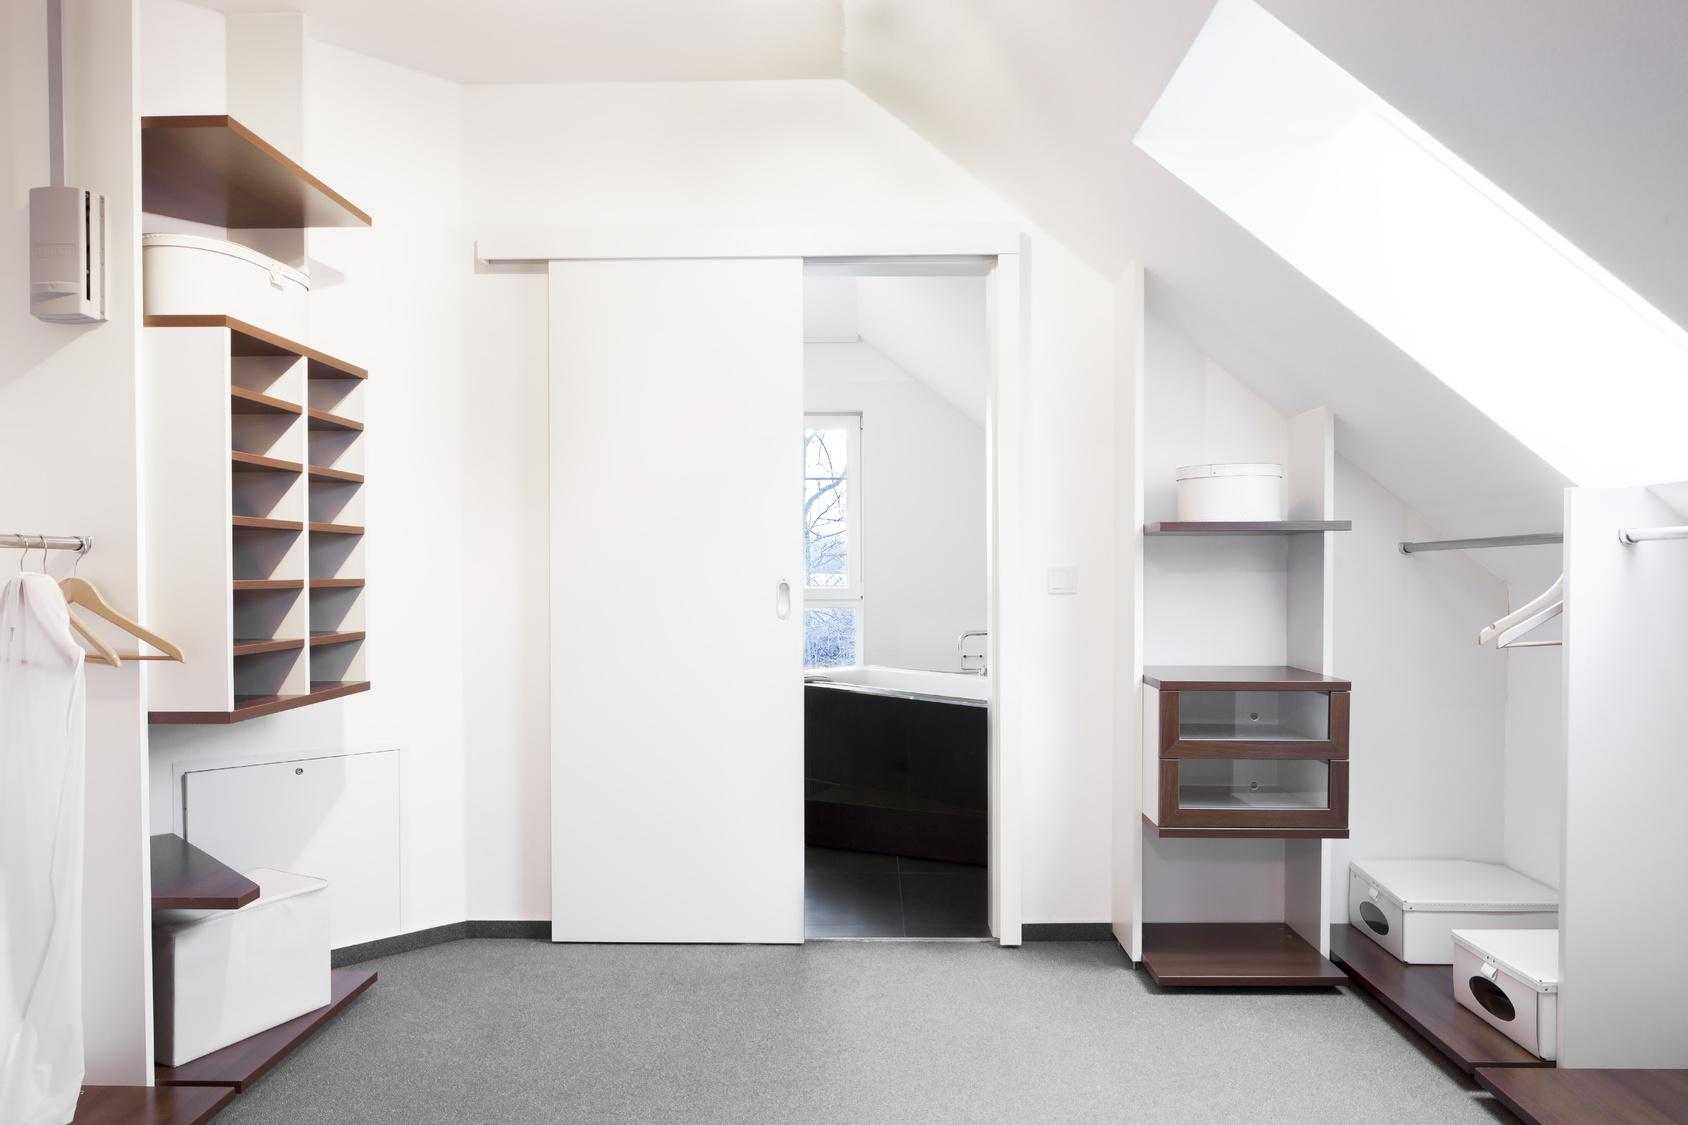 begehbarer kleiderschrank dachschr ge beleuchtung. Black Bedroom Furniture Sets. Home Design Ideas